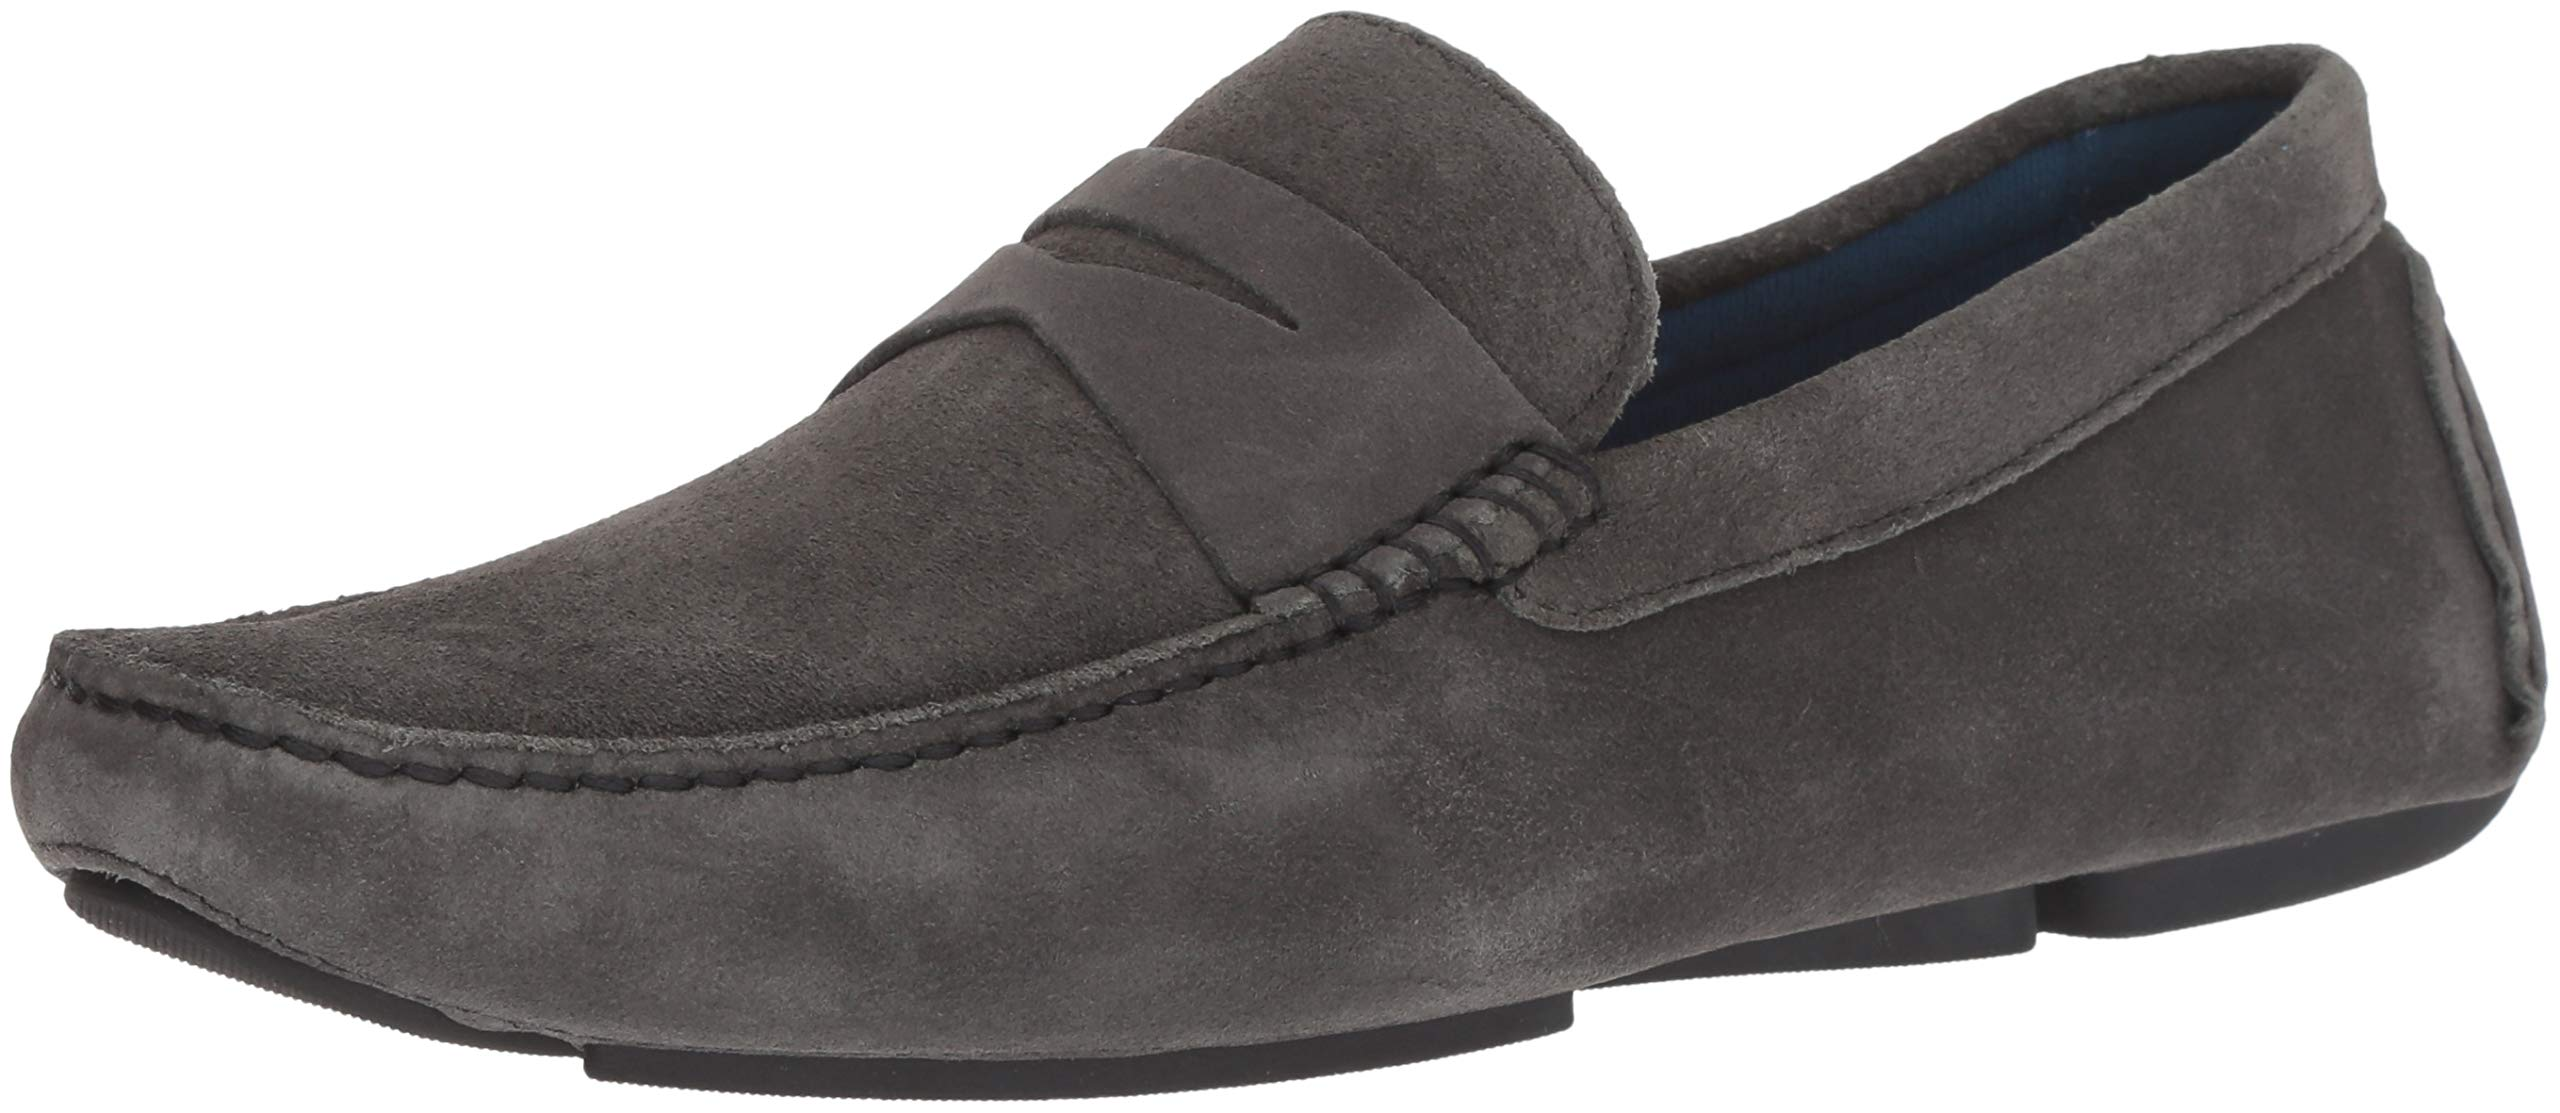 Donald J Pliner Men's VARRAN2-OL Loafer, Dark Gray, 10.5 D US